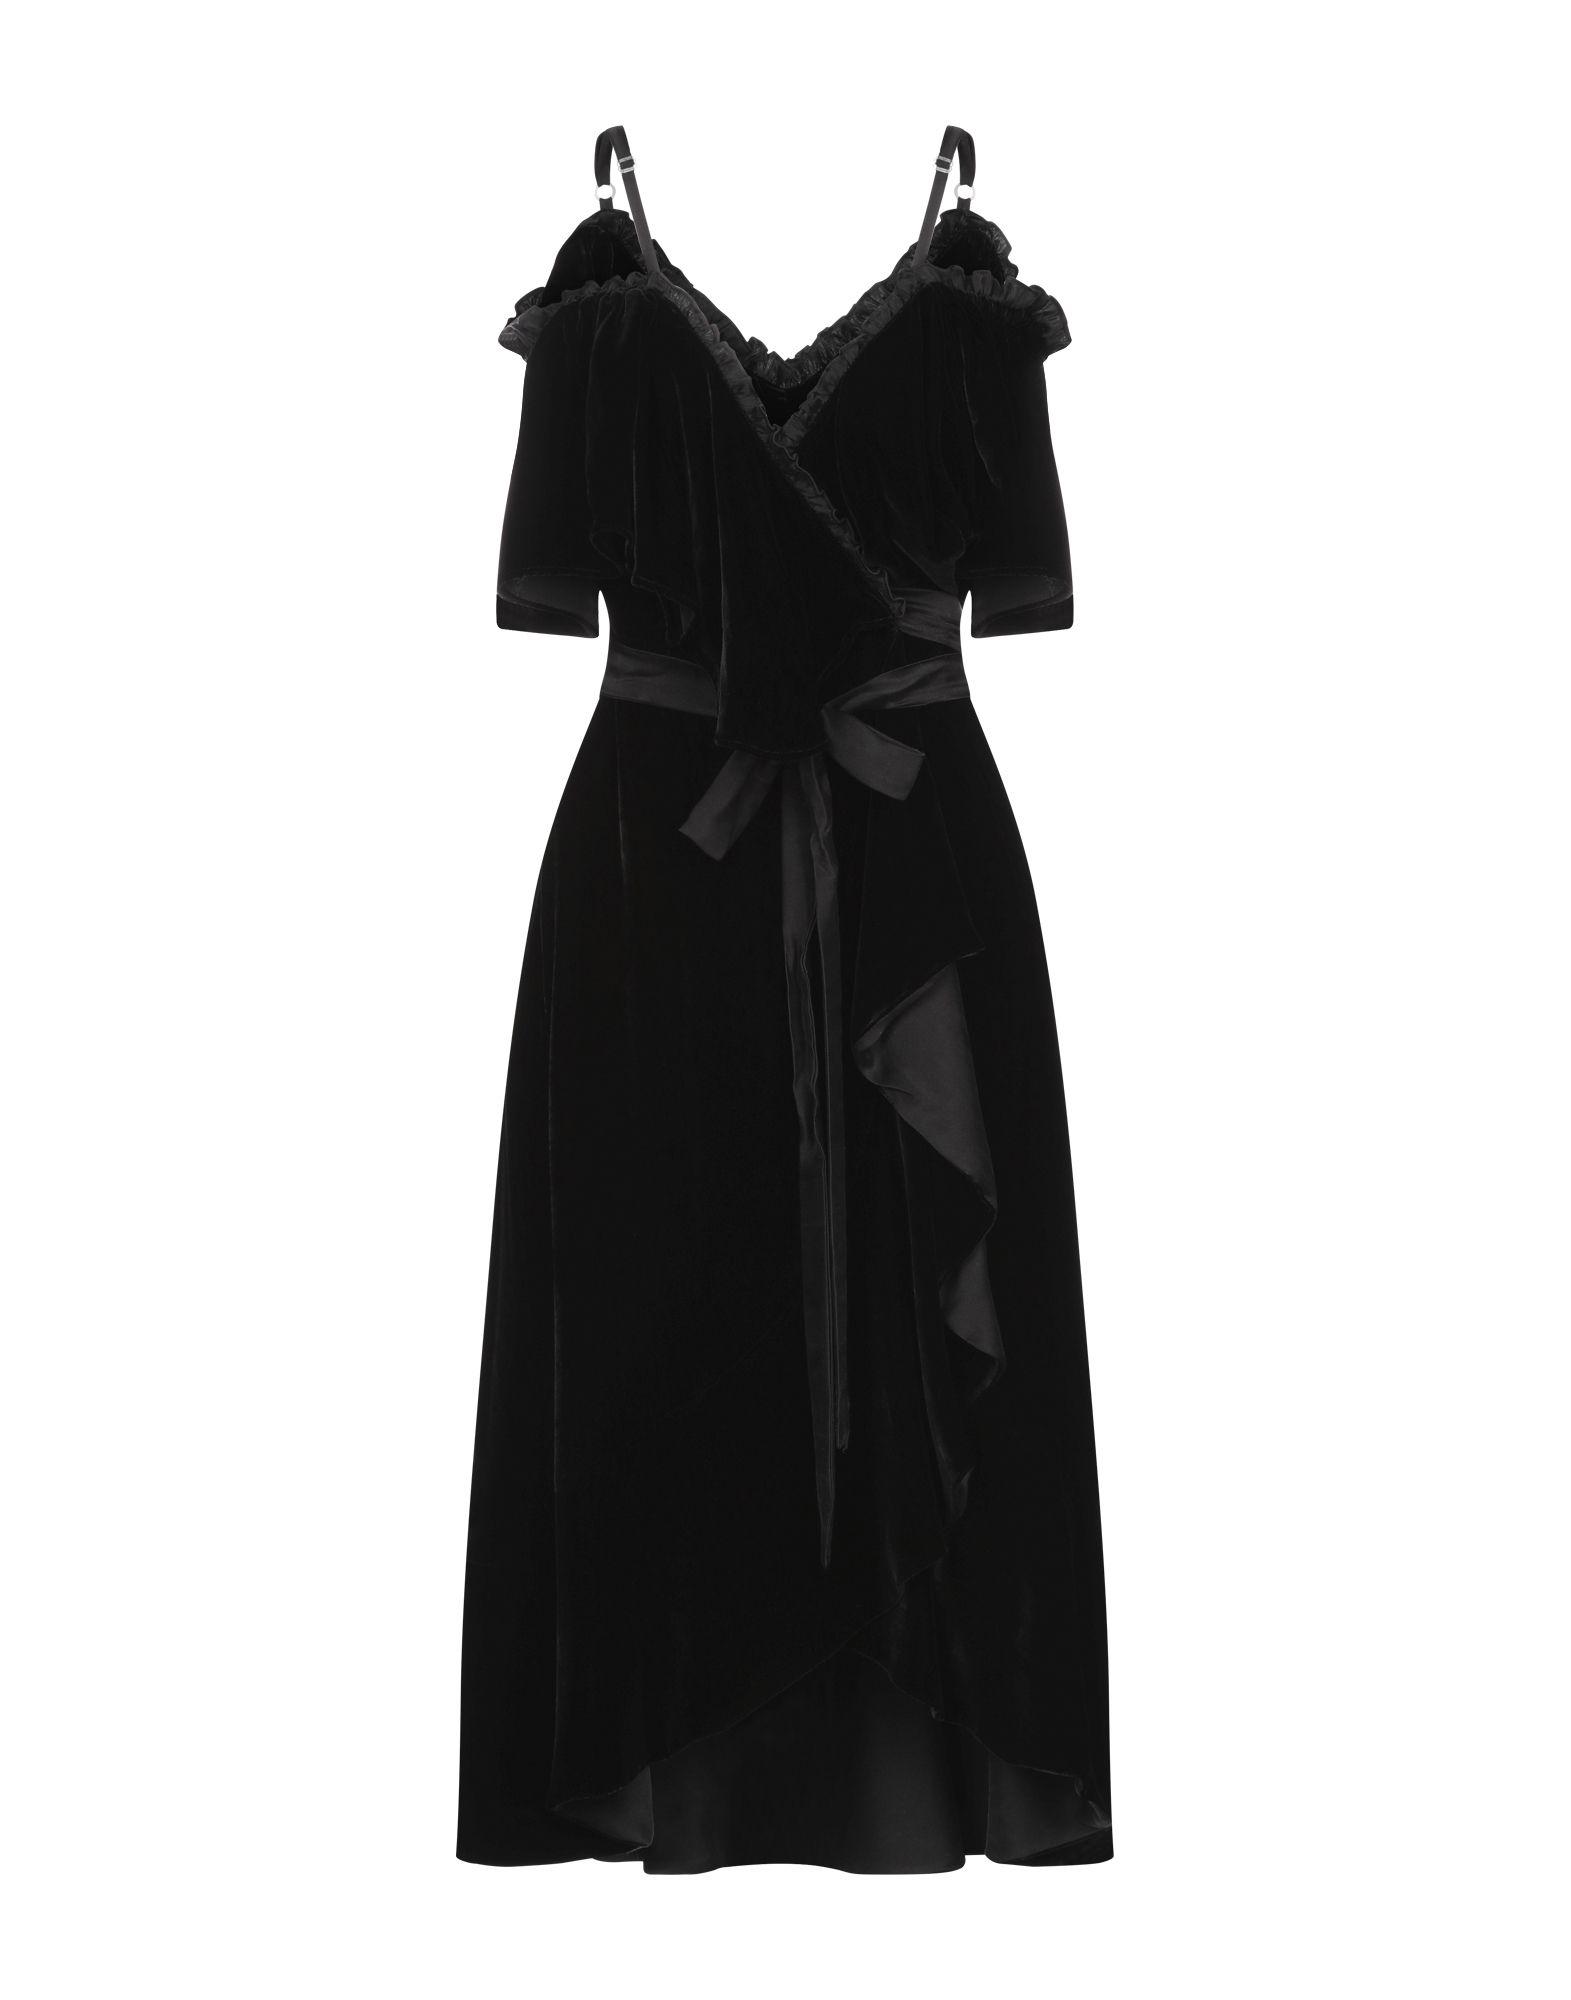 HALE BOB Короткое платье платье hale bob черный 44 46 размер